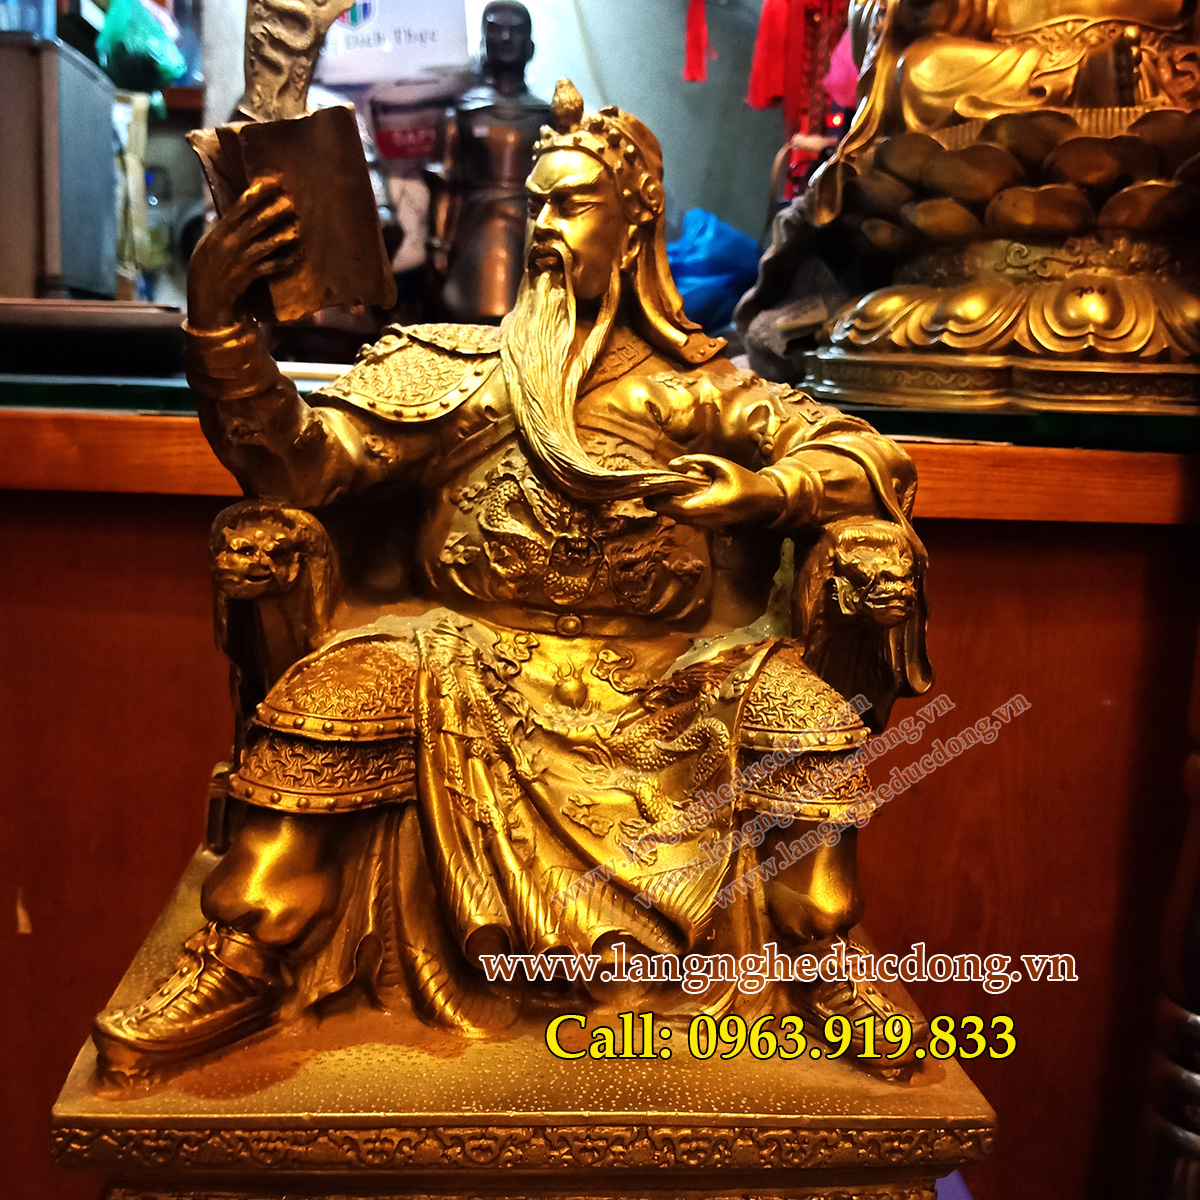 langngheducdong.vn - tượng quan công, tượng phong thủy, quan công đọc sách